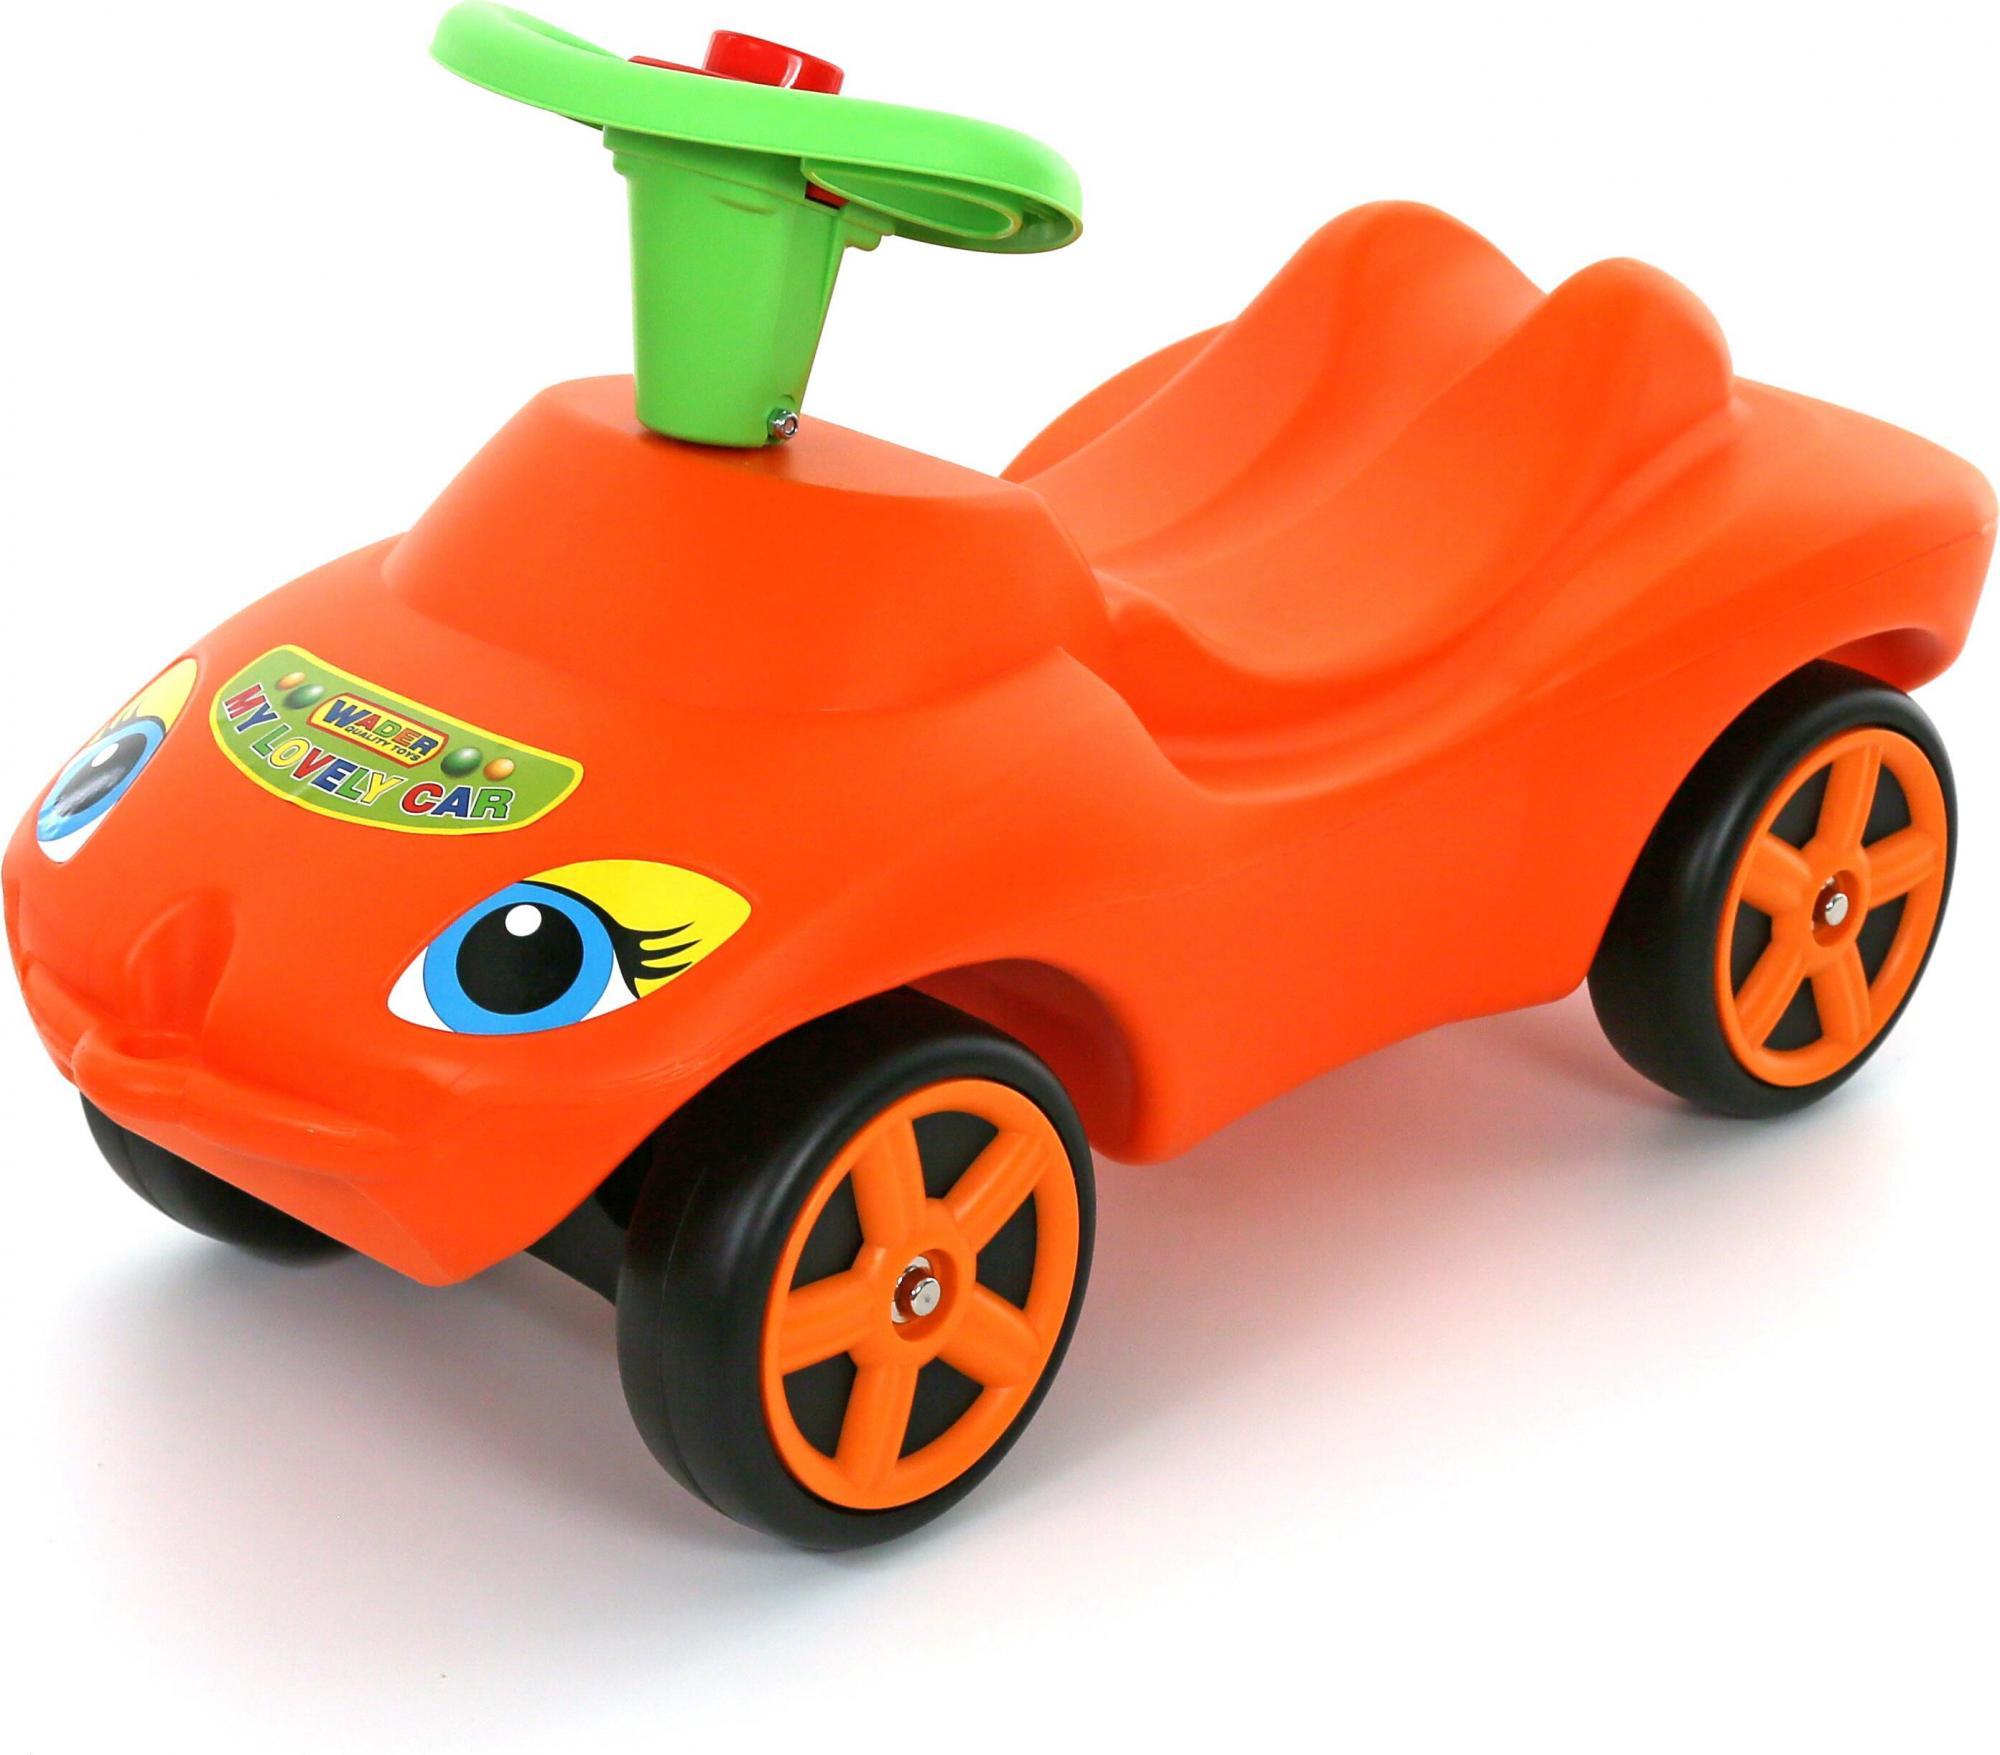 Каталка - Мой любимый автомобиль, оранжевая со звуковым сигналомМашинки-каталки для детей<br>Каталка - Мой любимый автомобиль, оранжевая со звуковым сигналом<br>